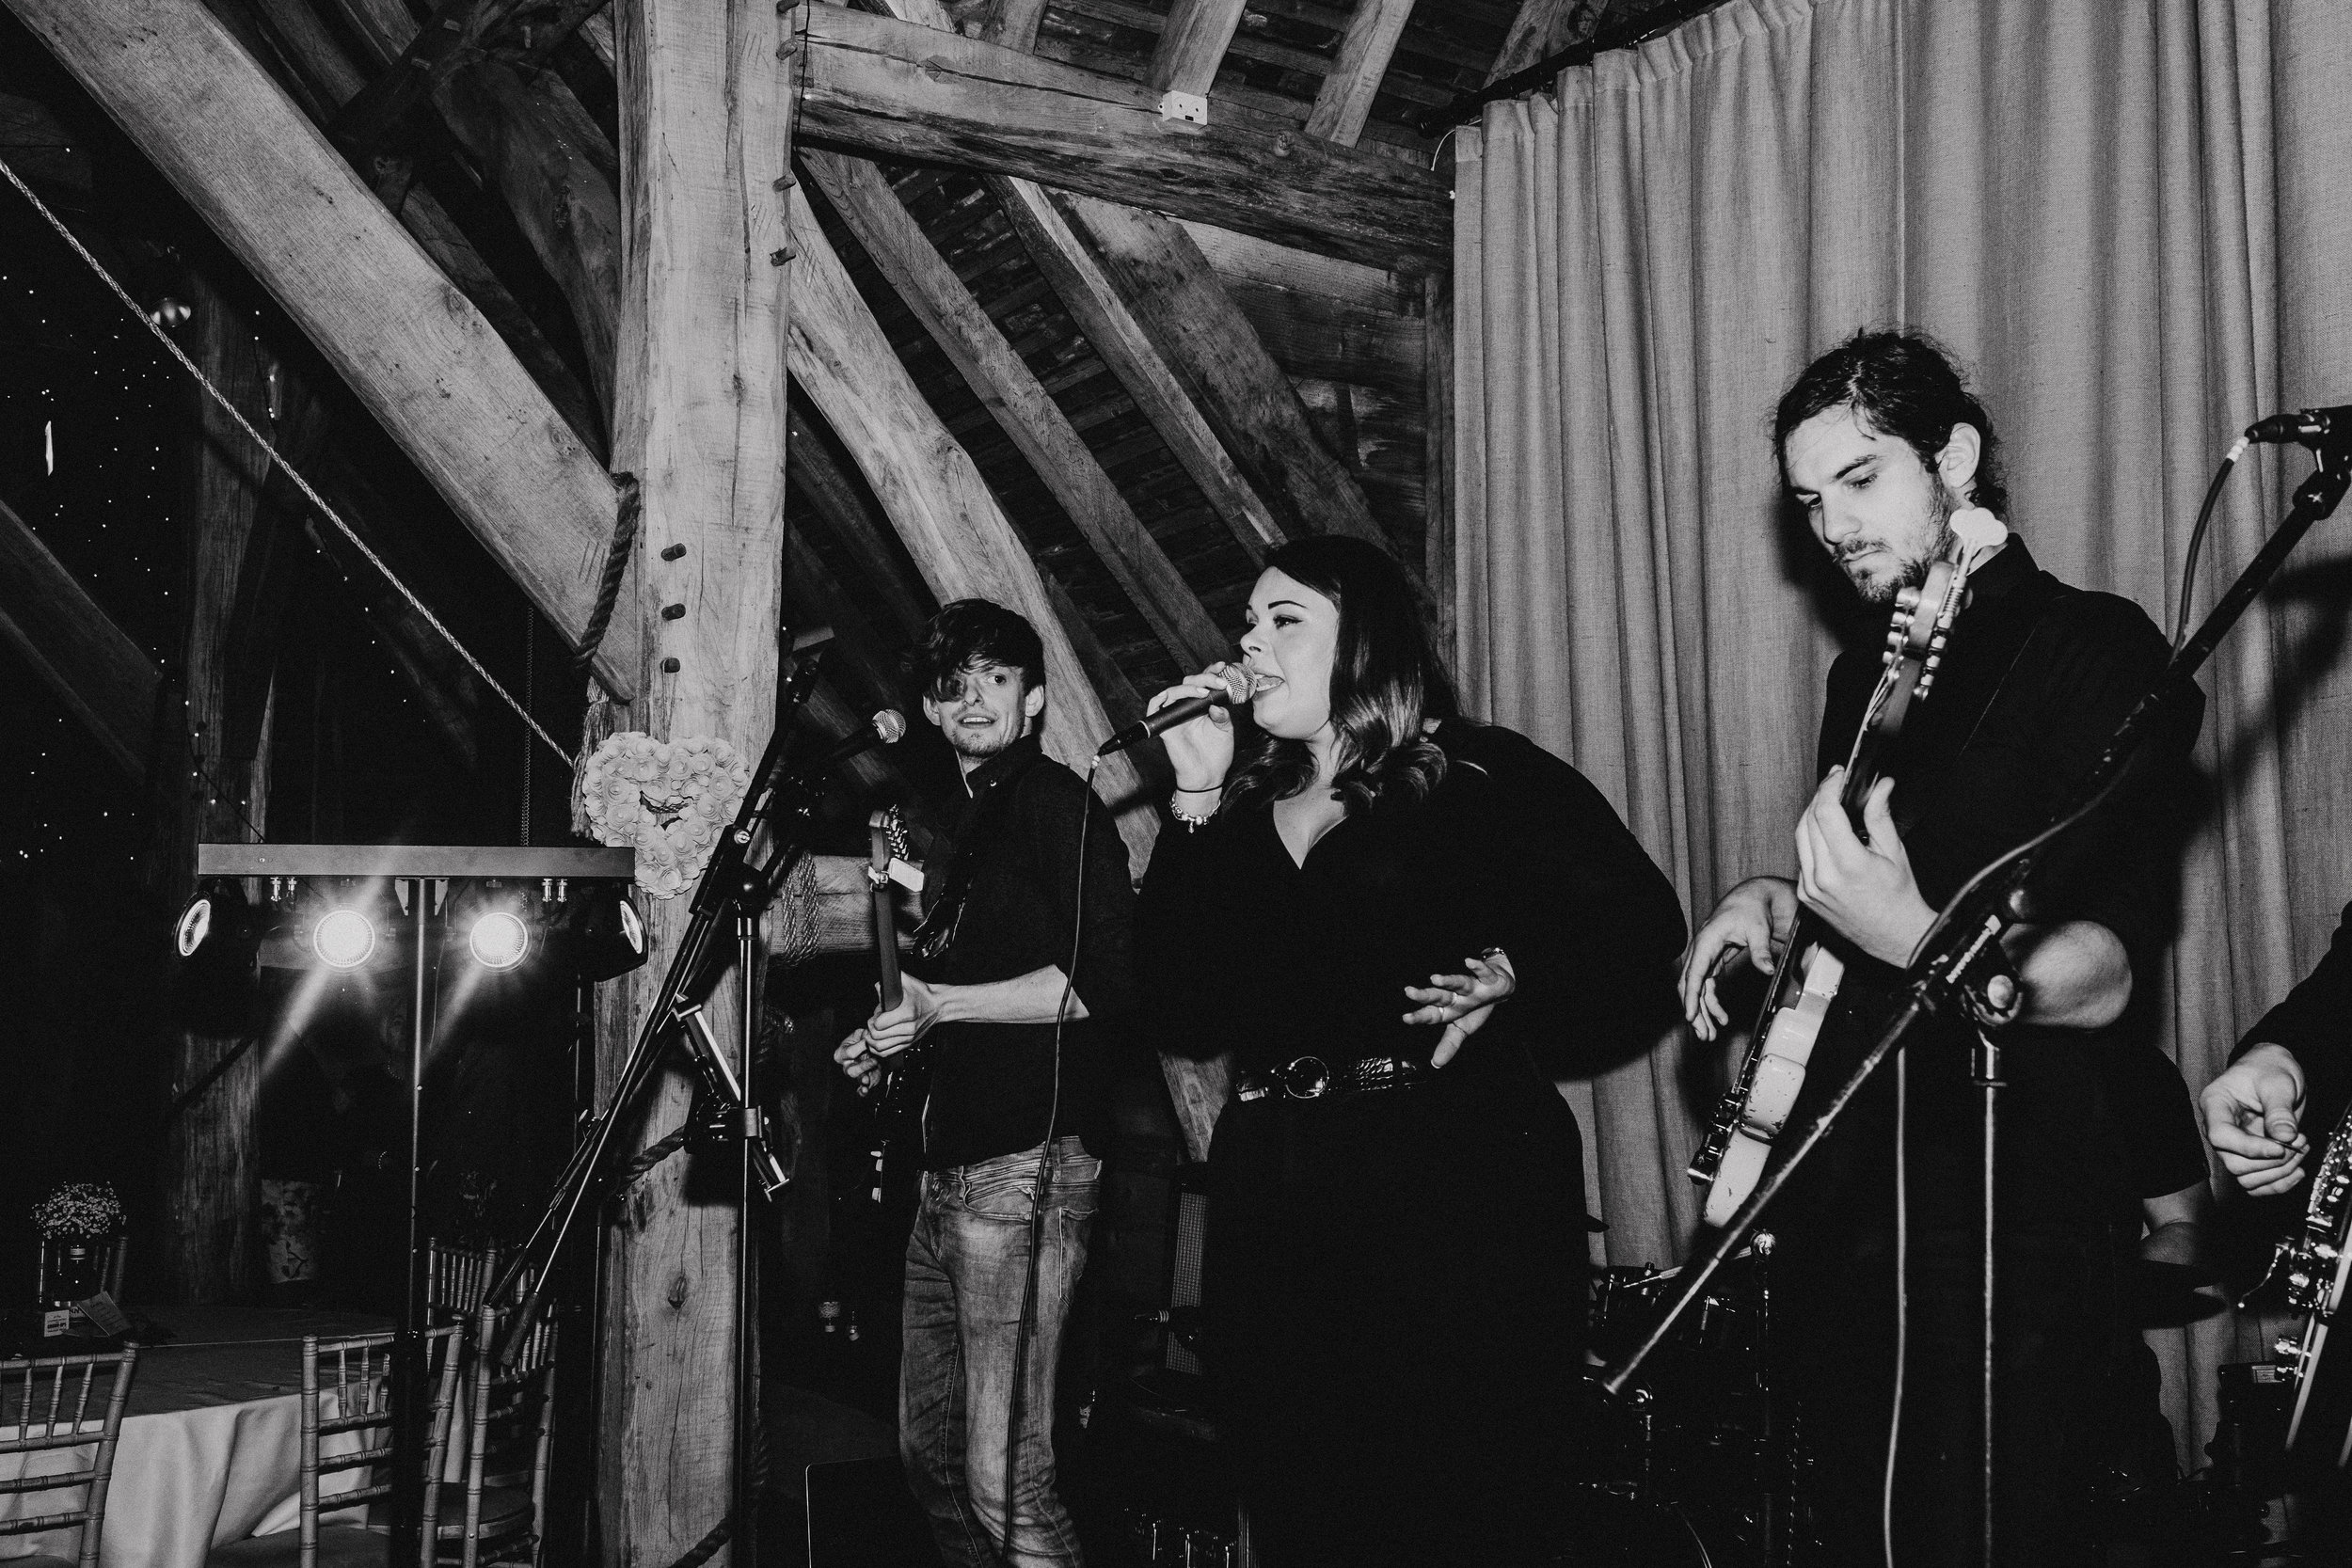 VIVO band at Gildings Barn